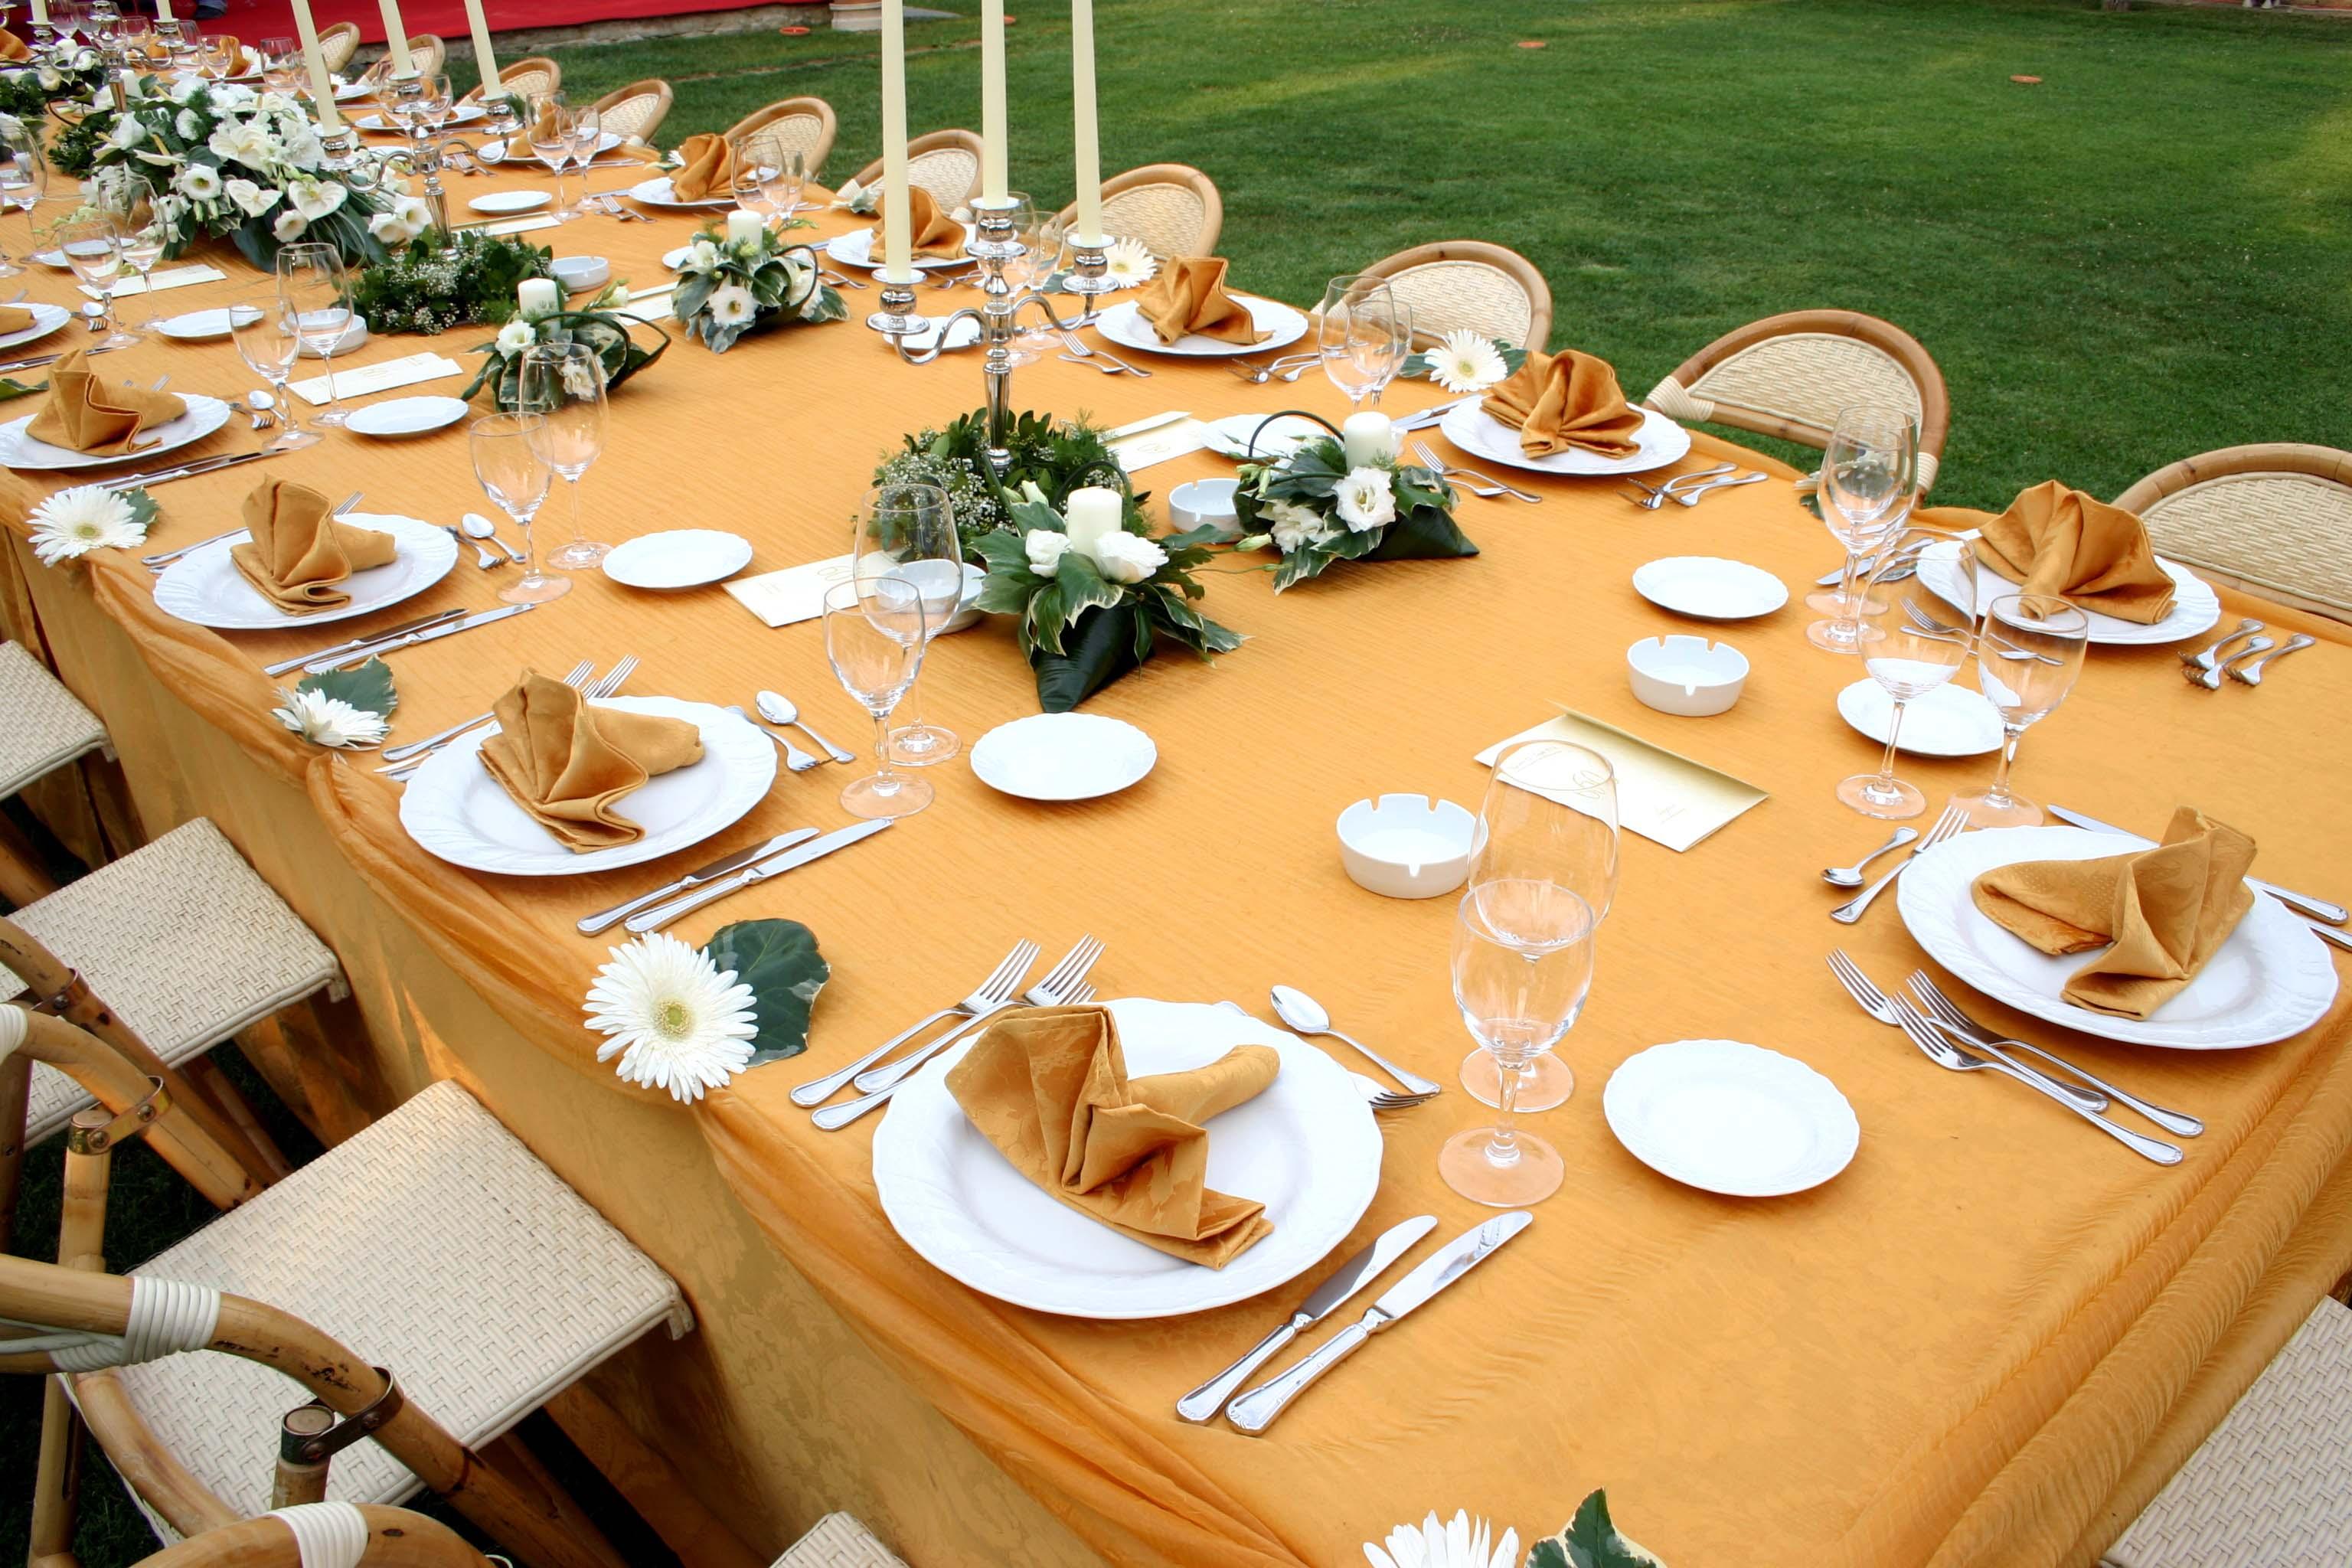 Matrimonio Stile Rustico : Tutto quello che puoi noleggiare per un ricevimento fai da